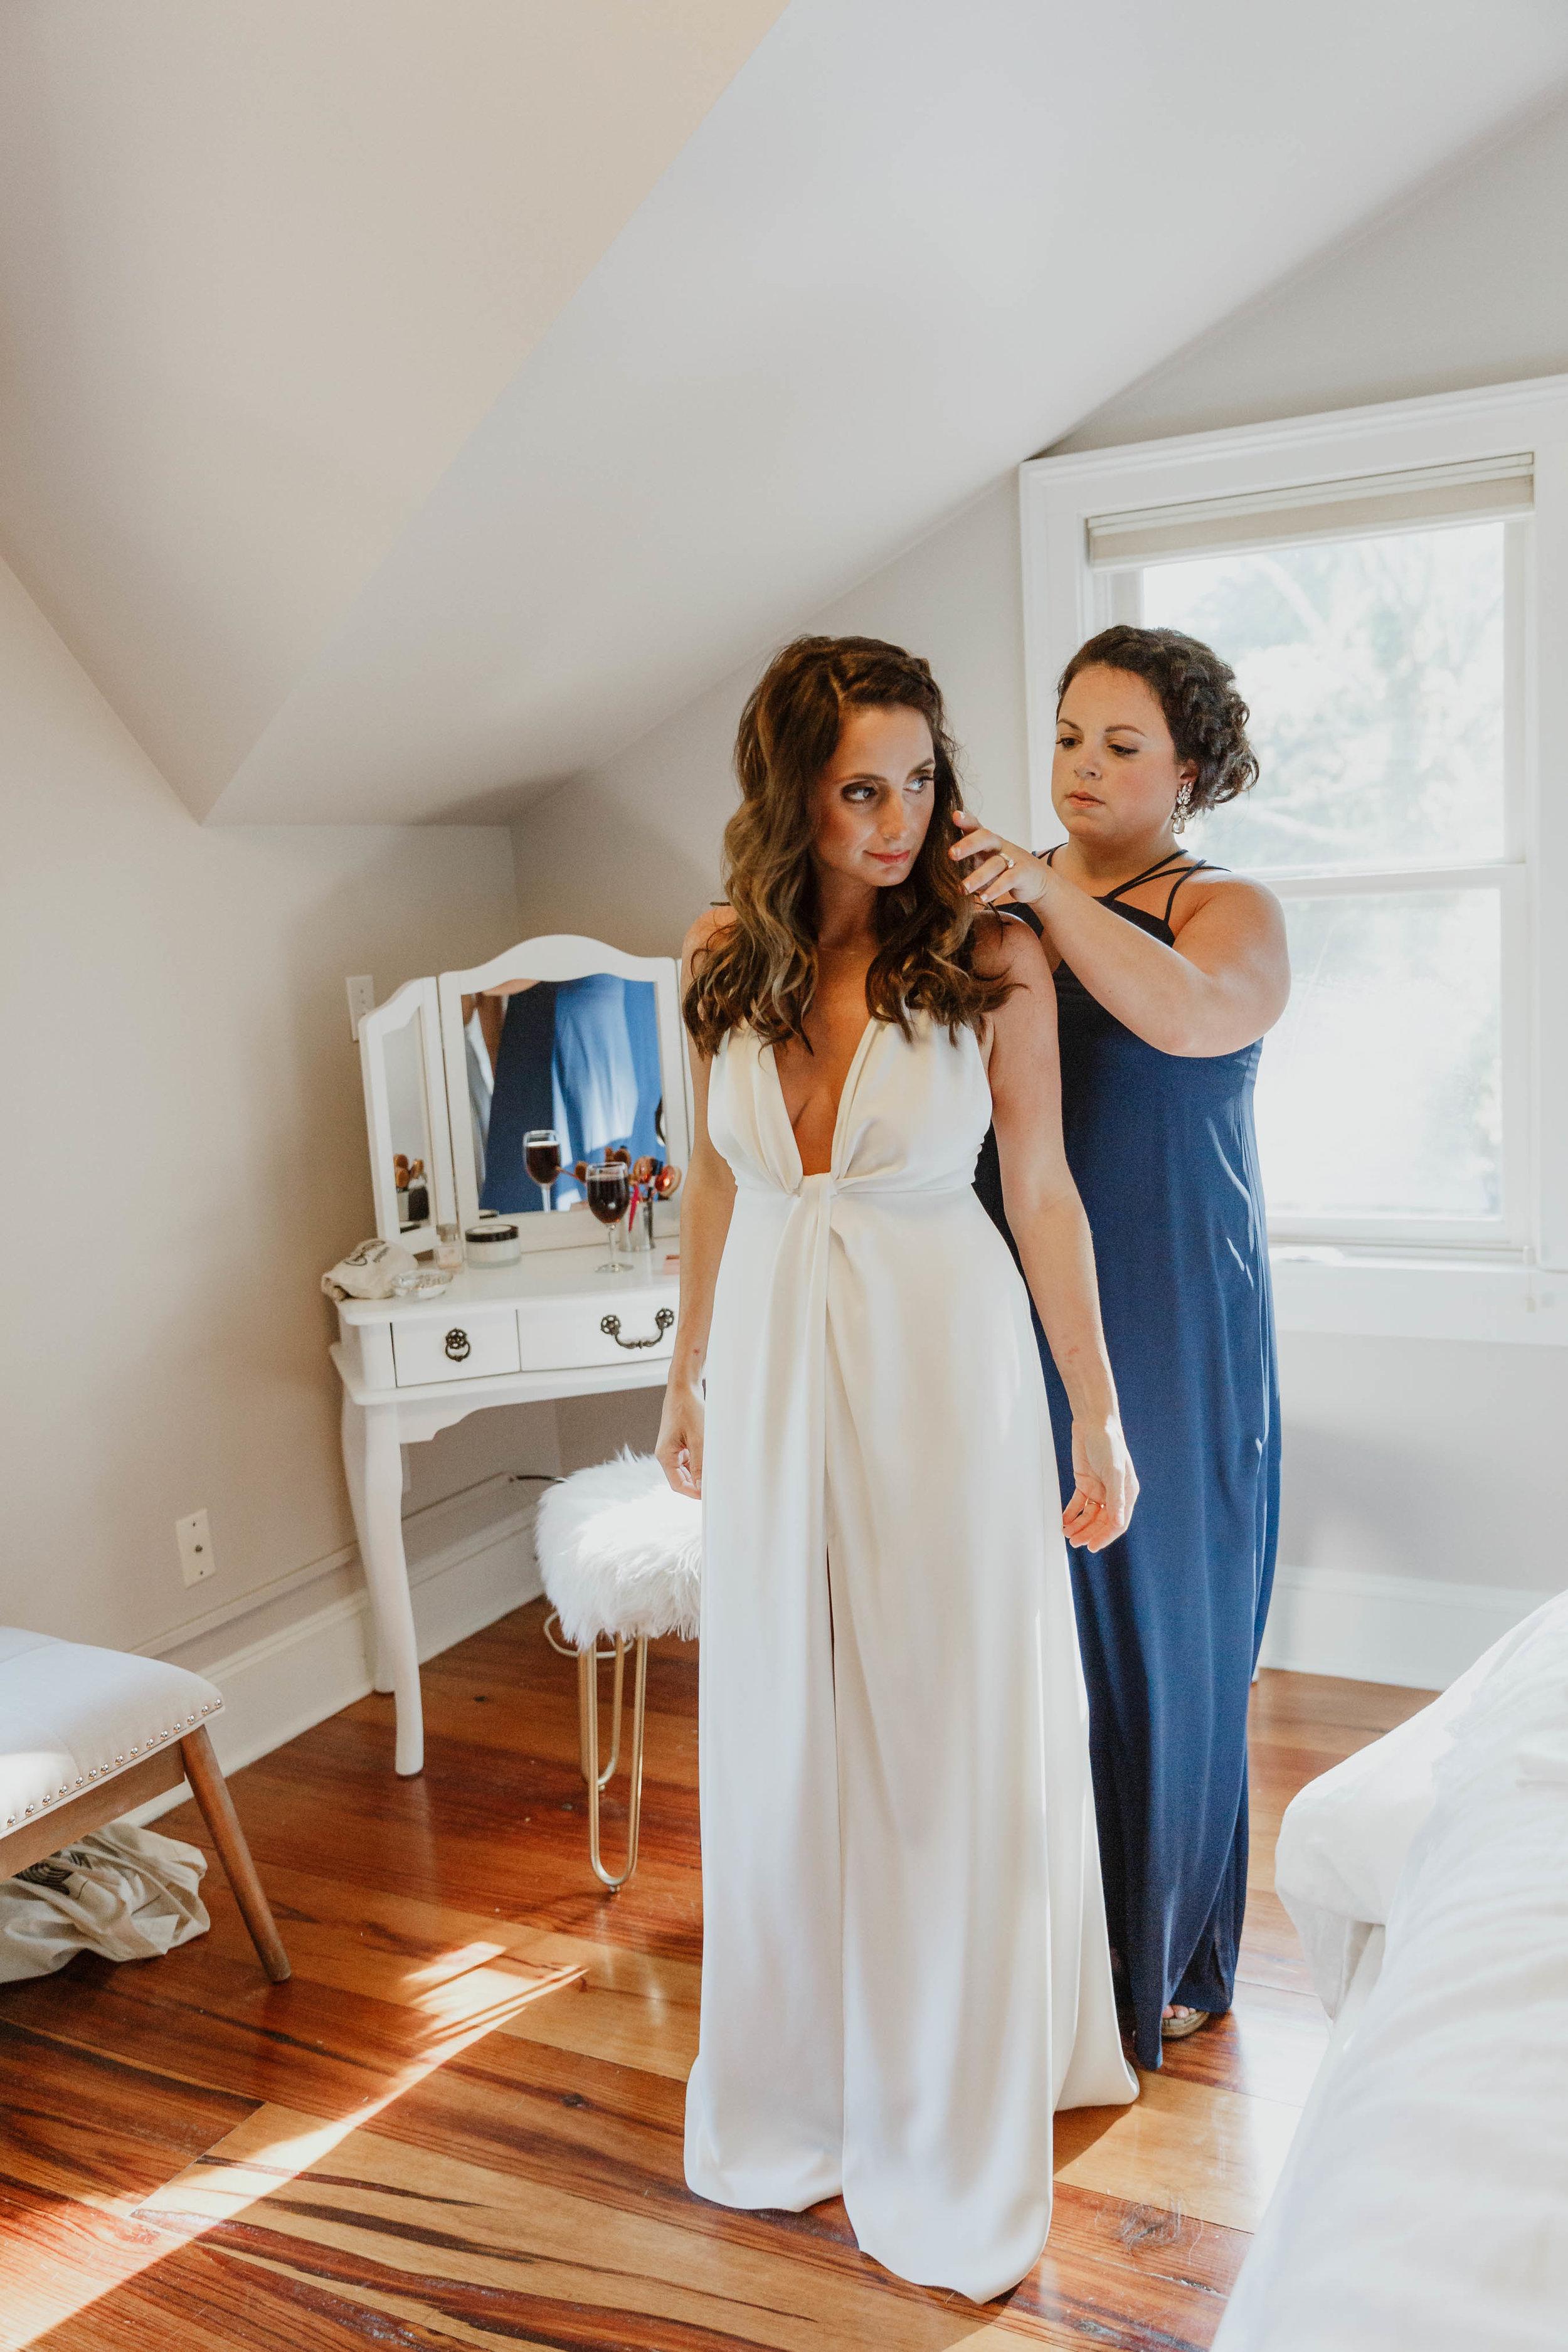 fairfield-county-connecticut-backyard-wedding-photographer--26.jpg